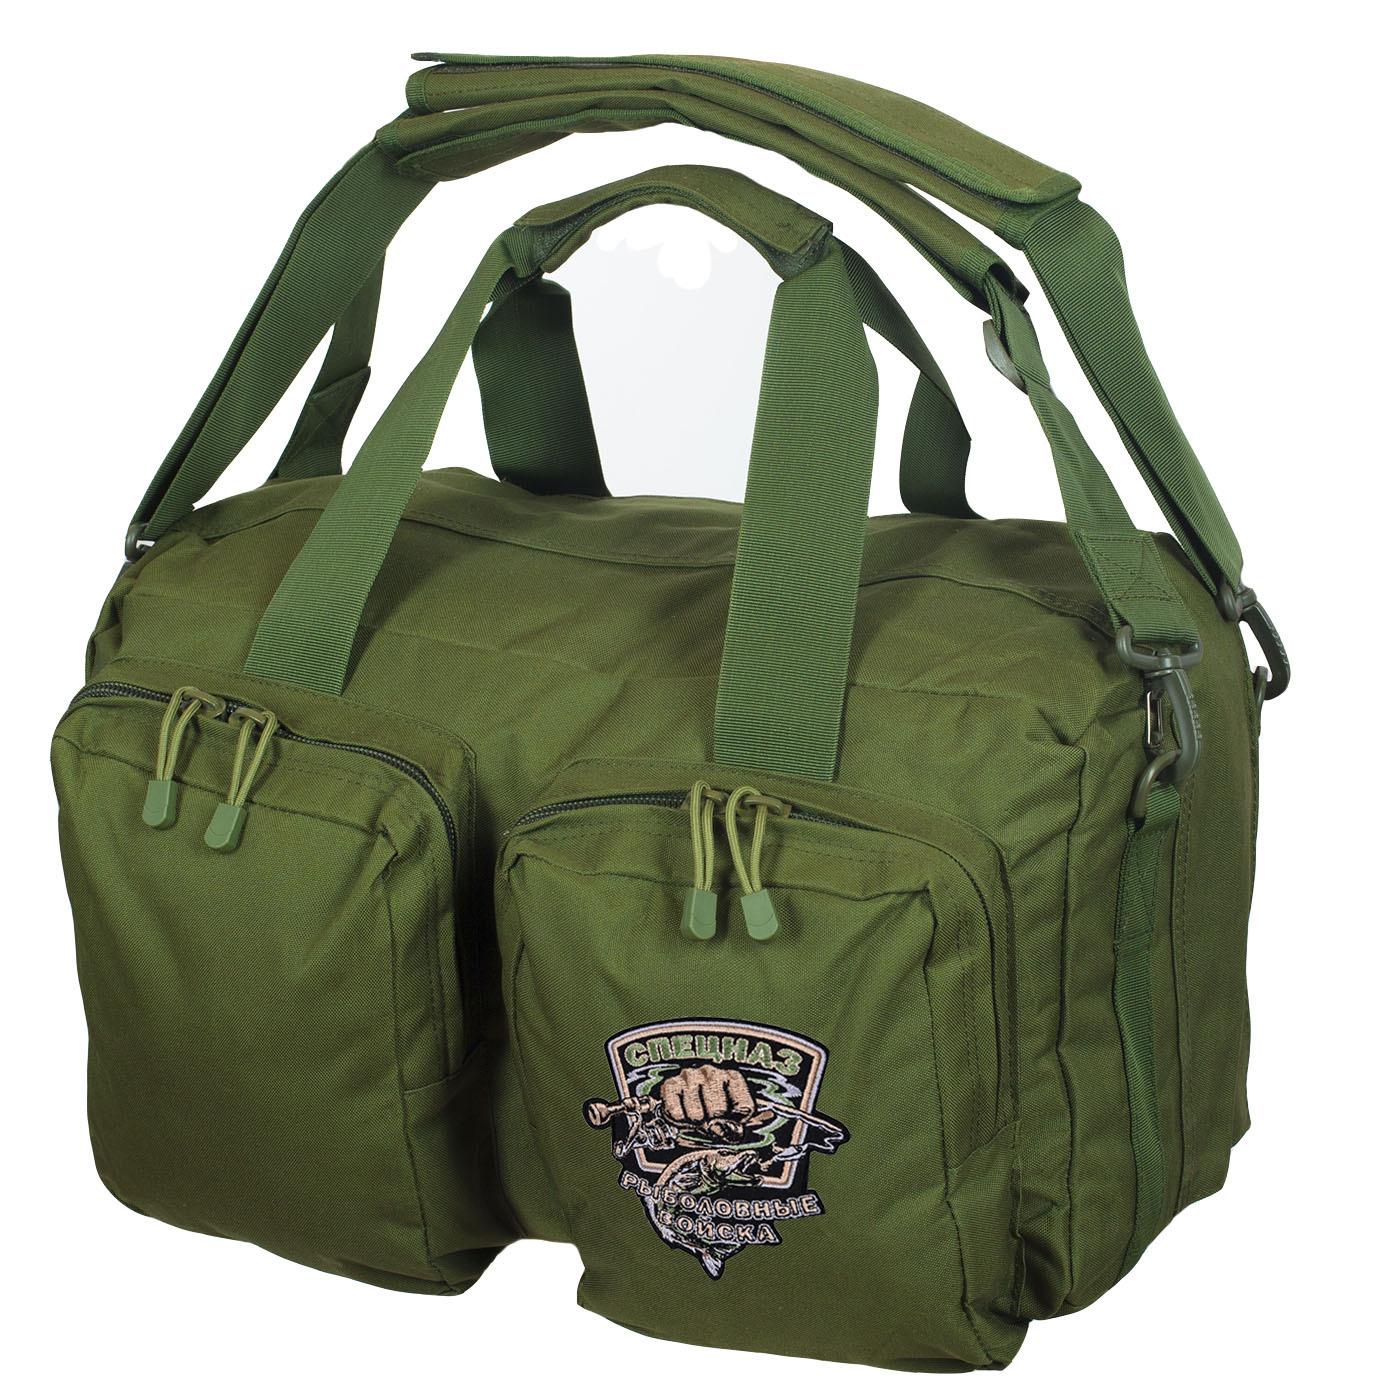 Тактическая сумка в камуфляже хаки заказать оптом